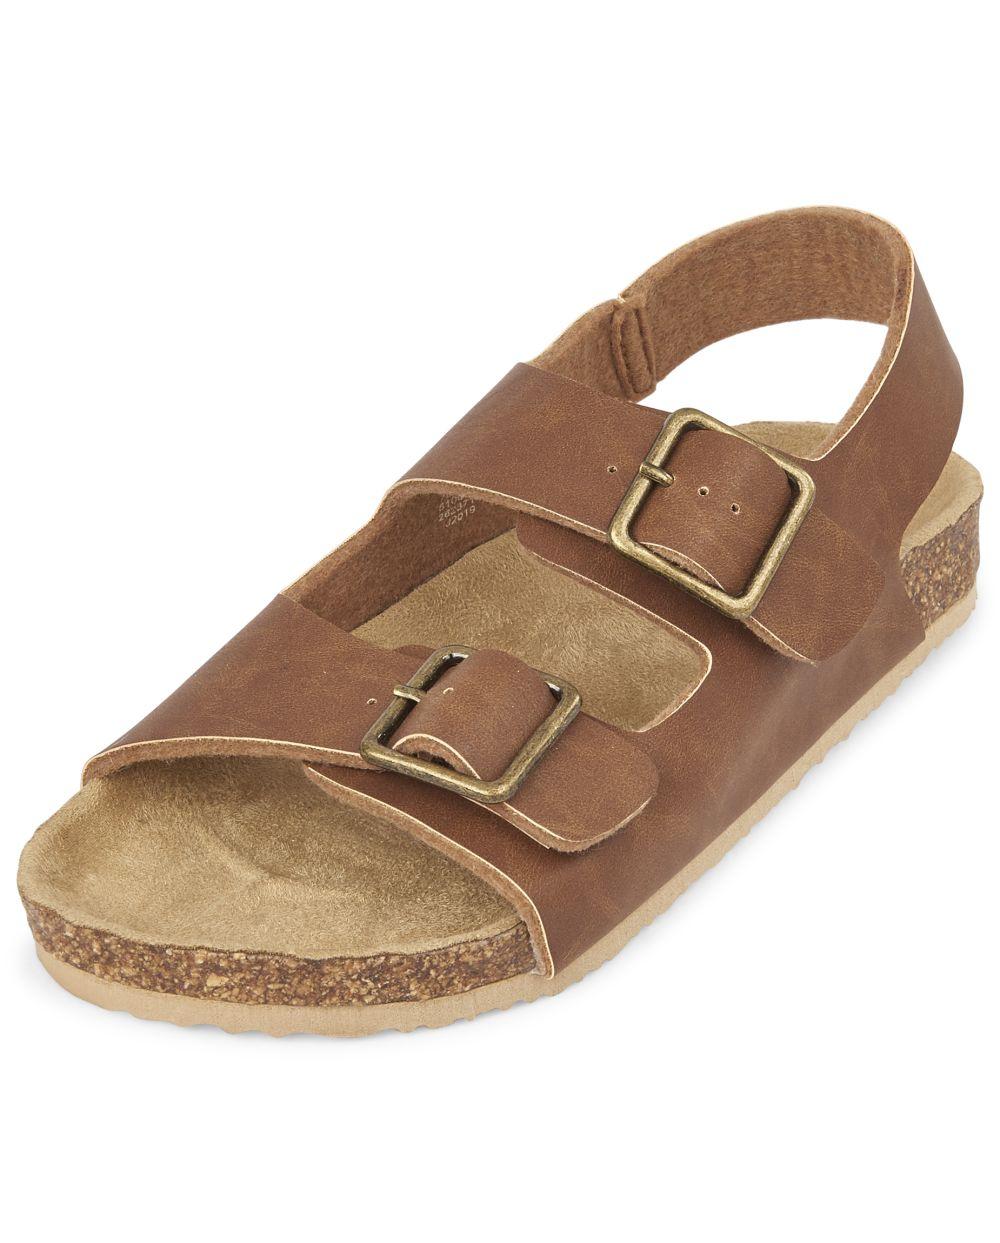 Boys Double Strap Sandals